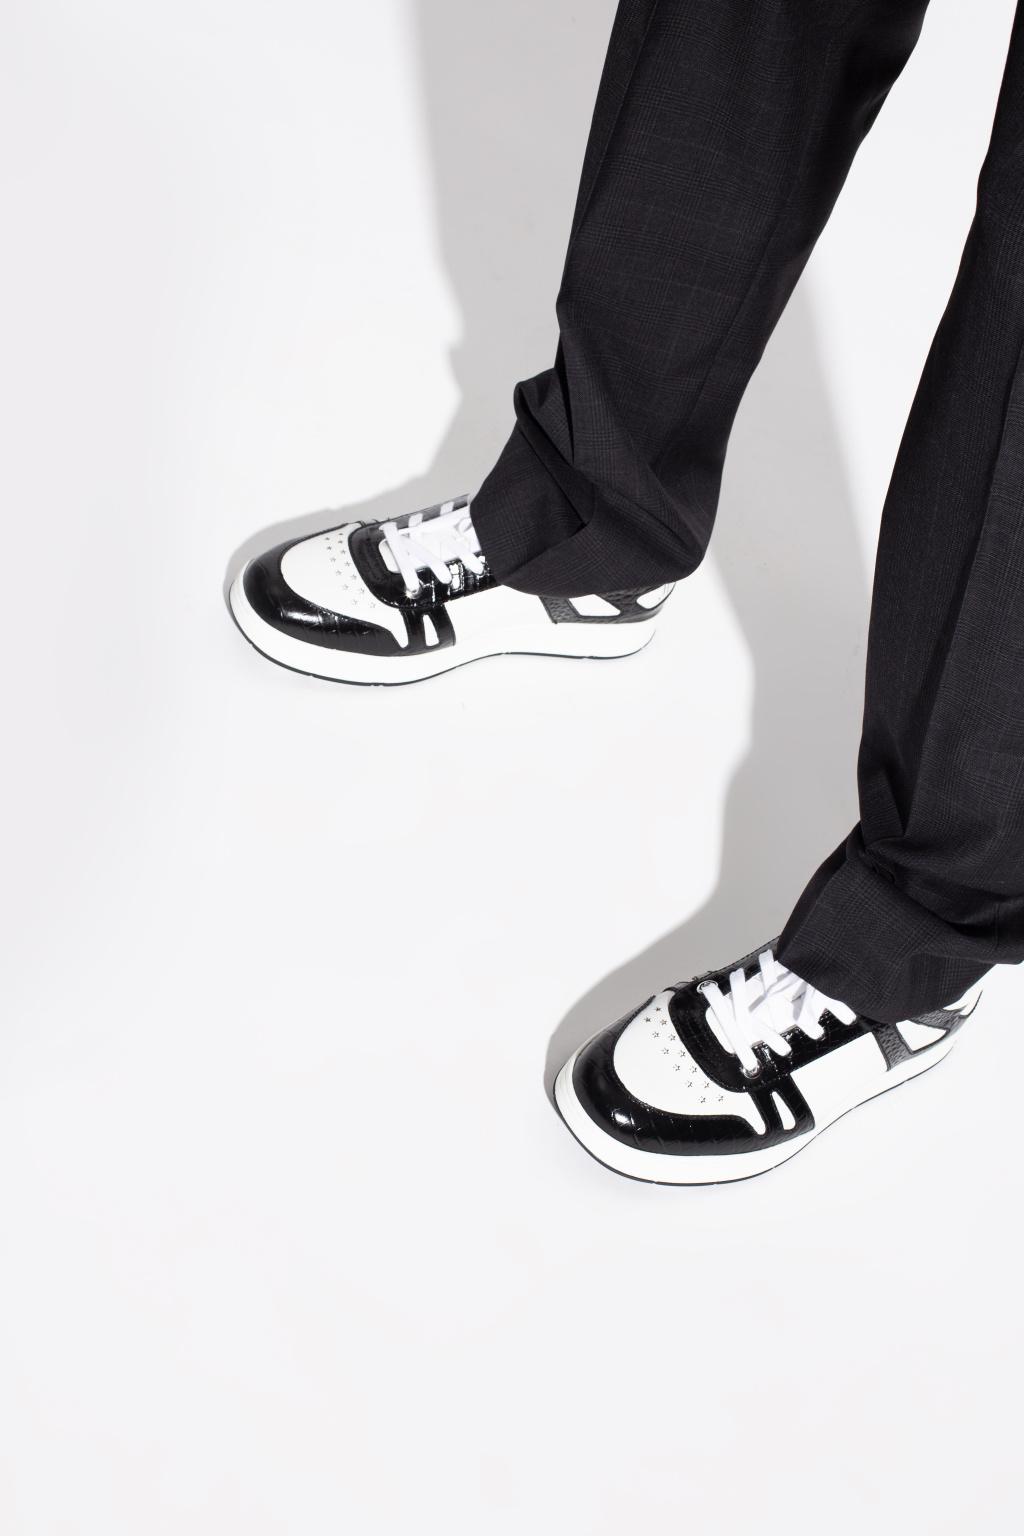 Jimmy Choo 'Hawaii' sneakers